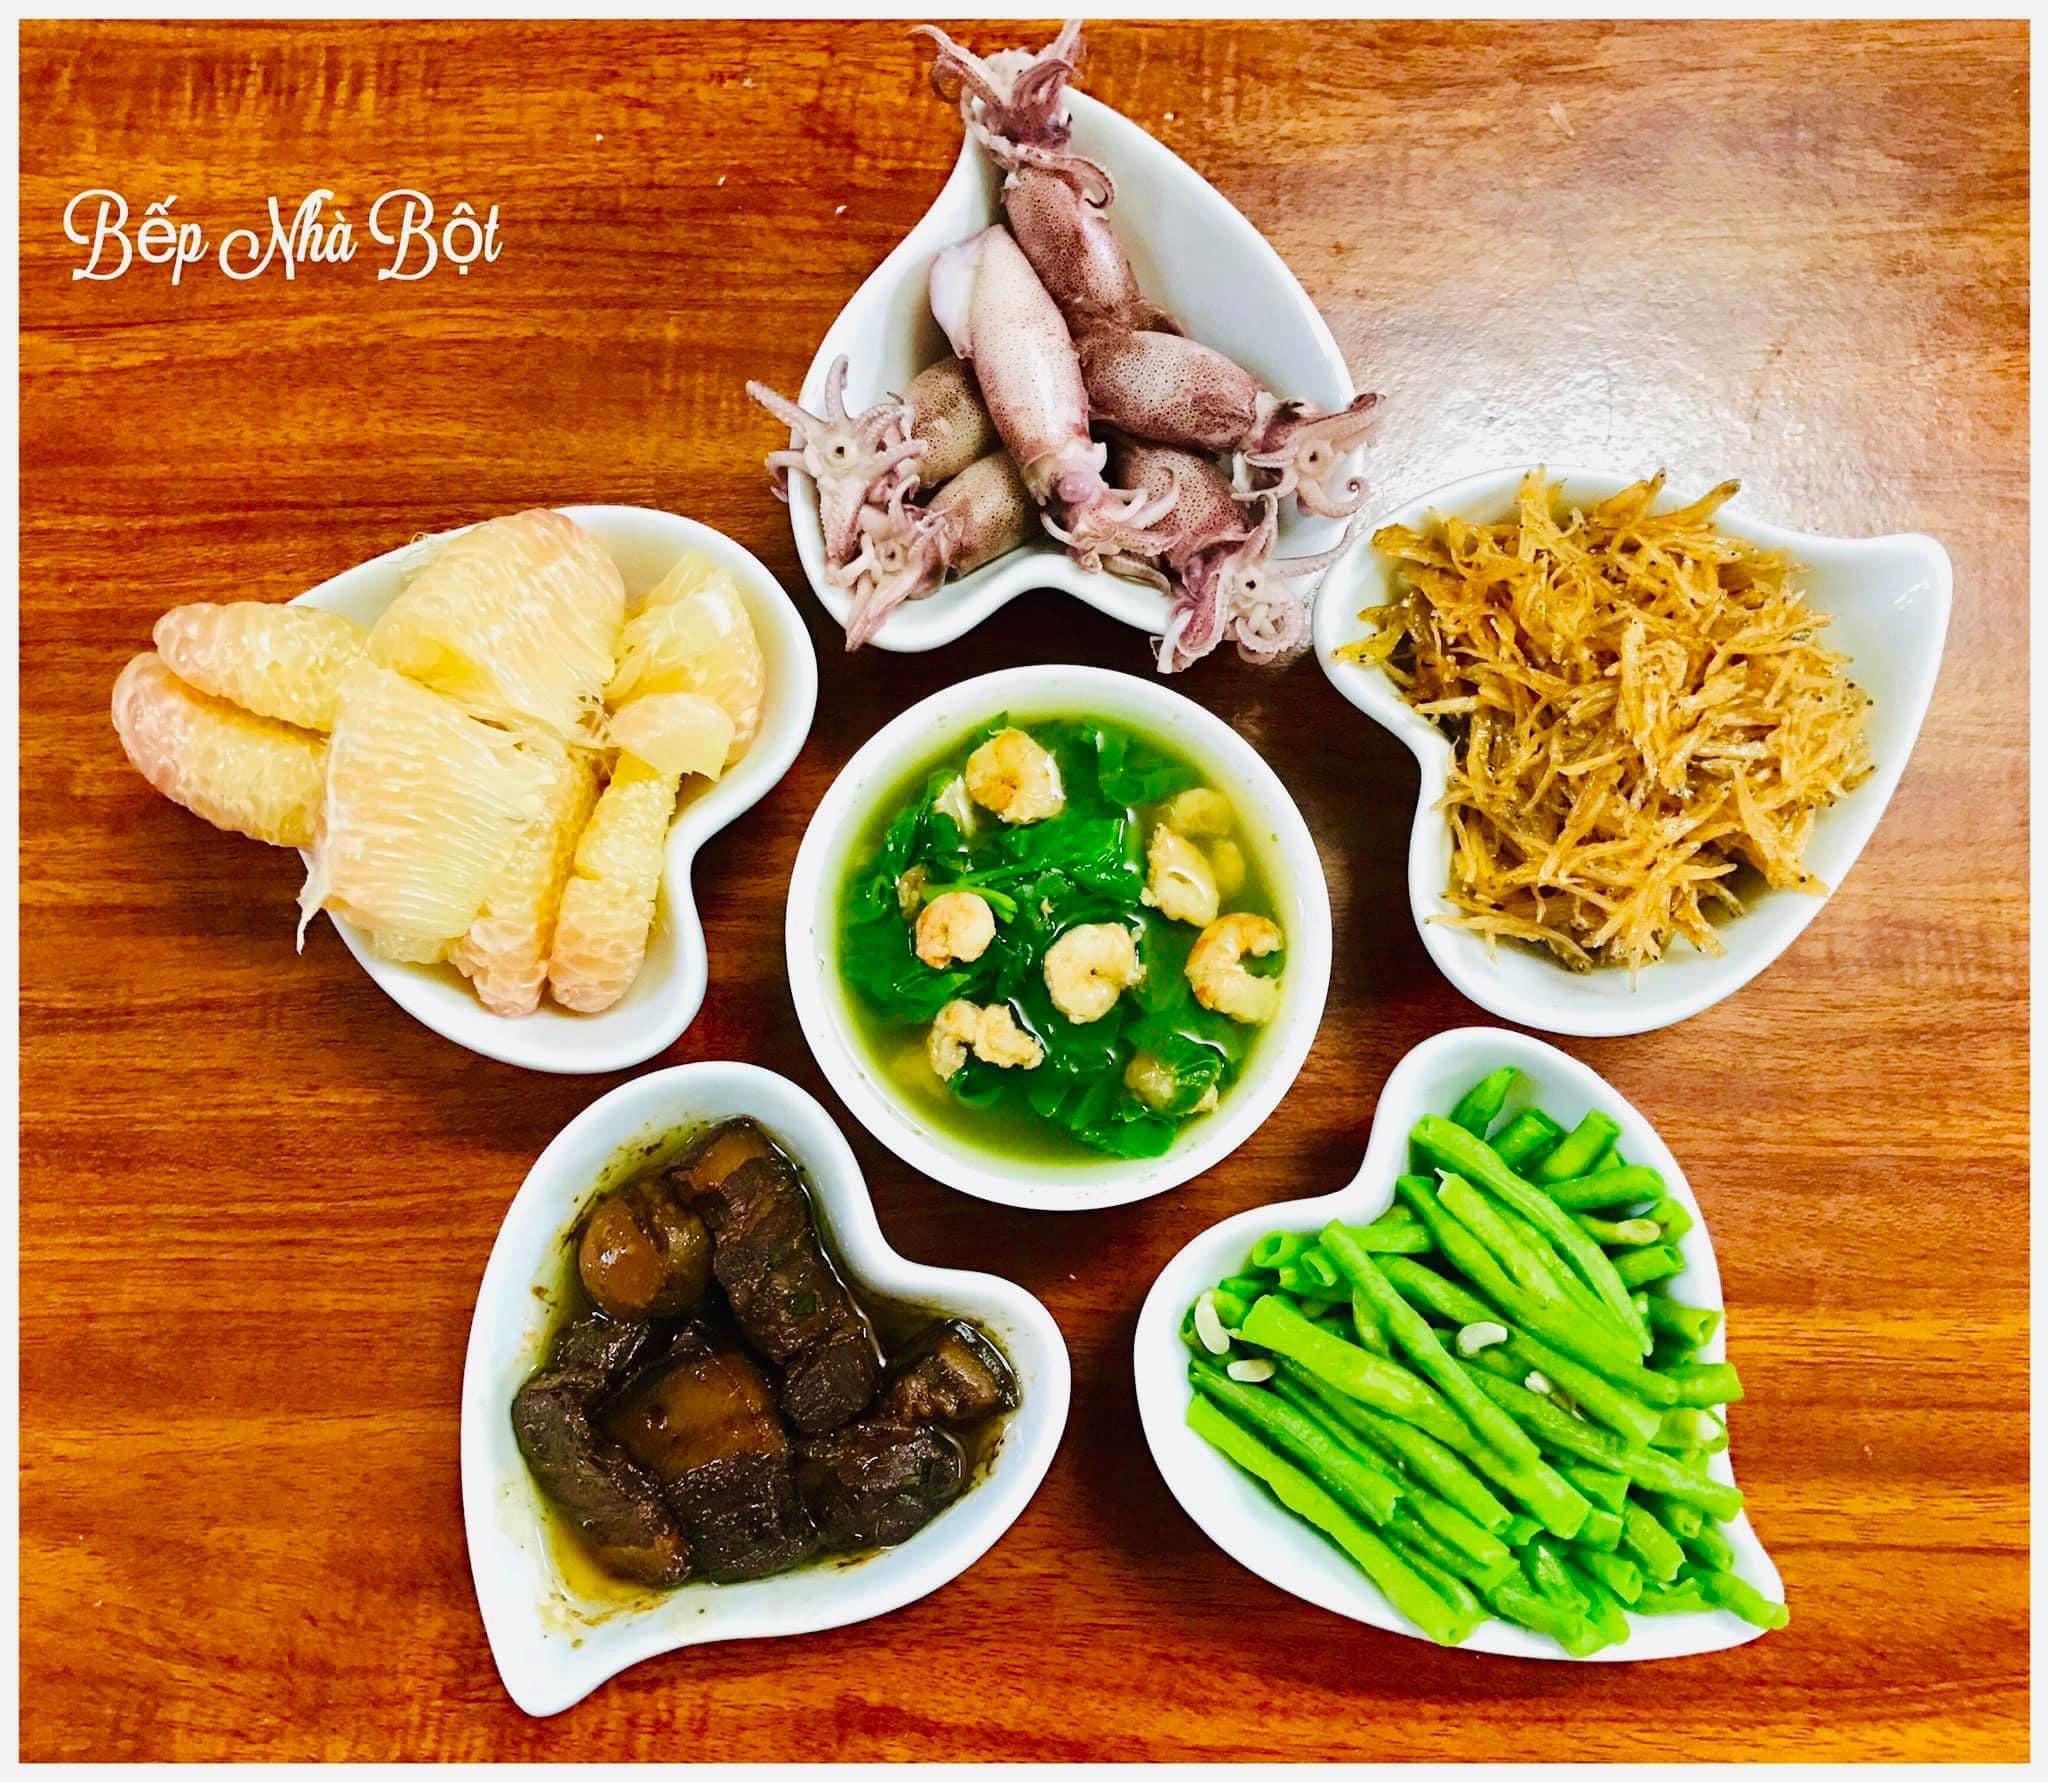 """Mâm cơm chỉ từ 120k của mẹ đơn thân Hà Nội khi coi """"Nấu ăn vì đam mê không phải là trách nhiệm"""" khiến ai nhìn cũng phải xuýt xoa - Ảnh 4."""